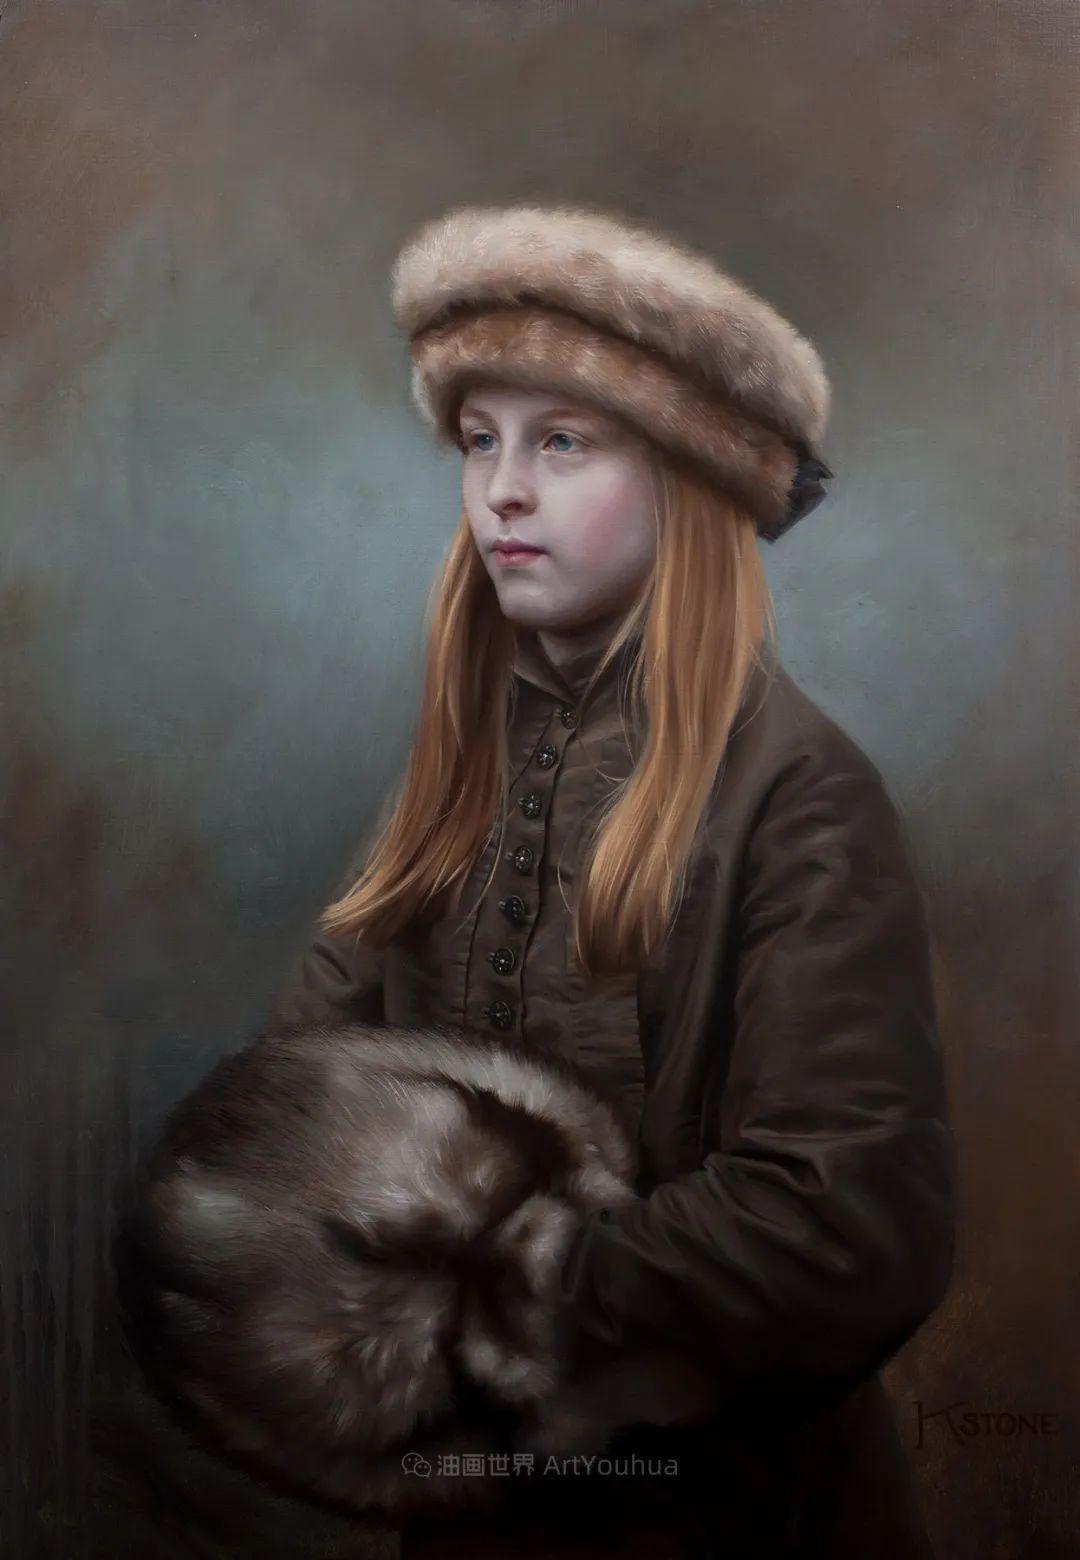 细致入微的静物与肖像,加拿大女画家凯瑟琳·斯通插图75